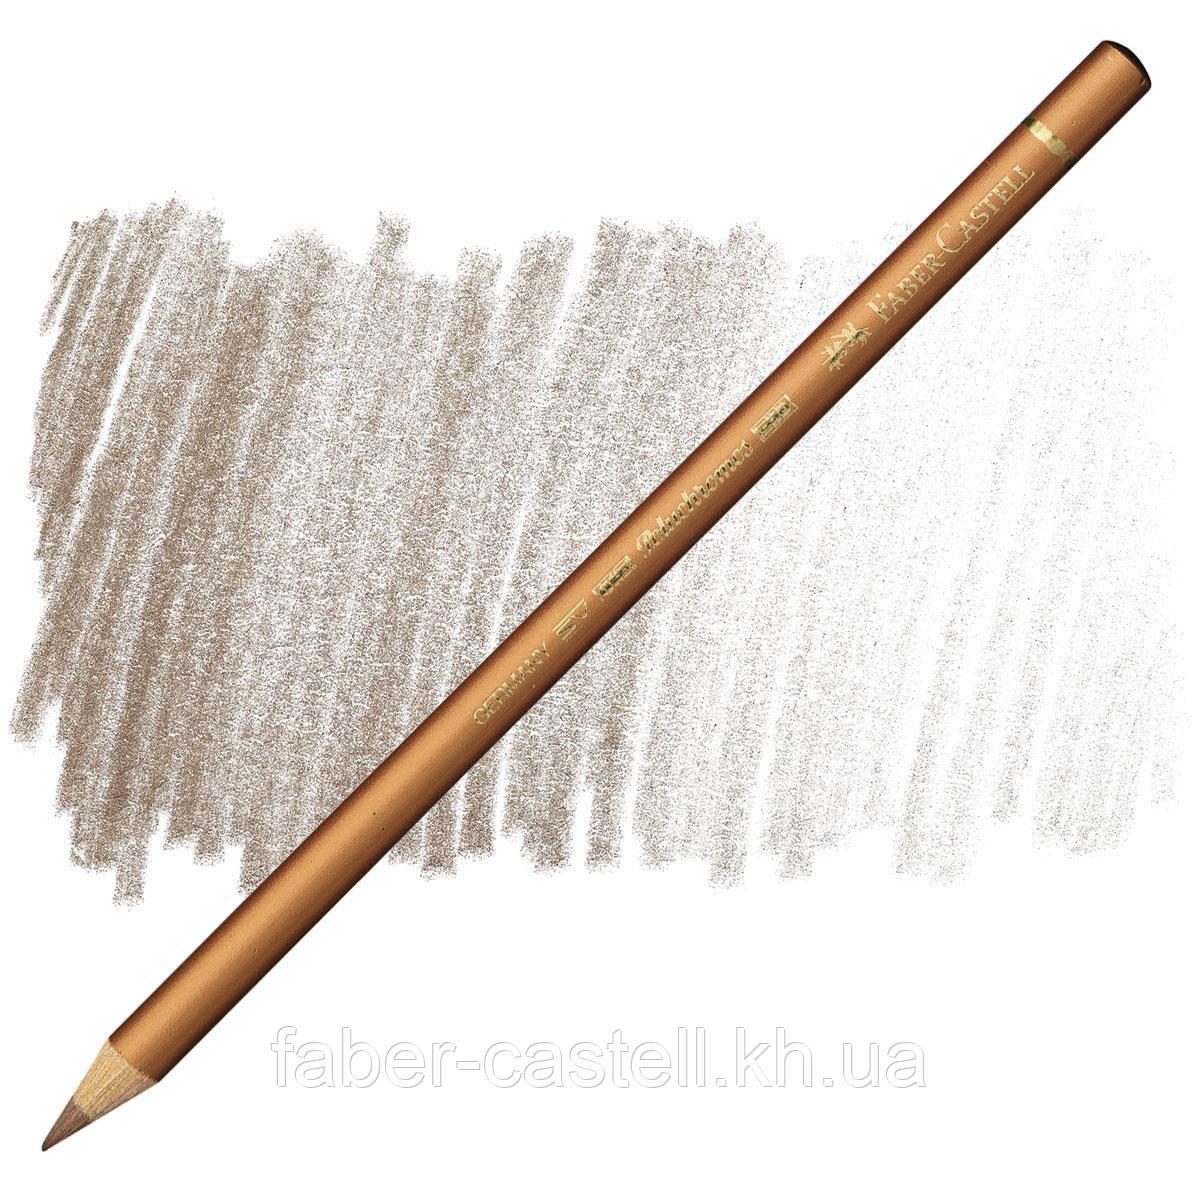 Олівець кольоровий Faber-Castell POLYCHROMOS мідний №252 (Copper), 110252